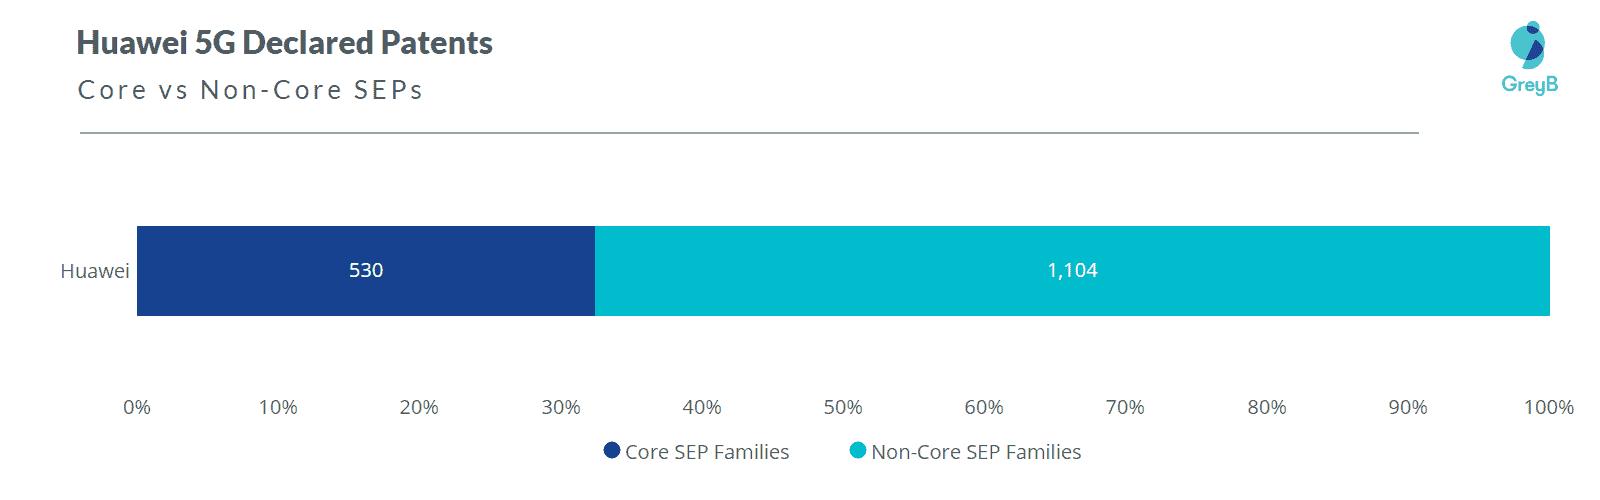 Huawei 5G Core SEPs